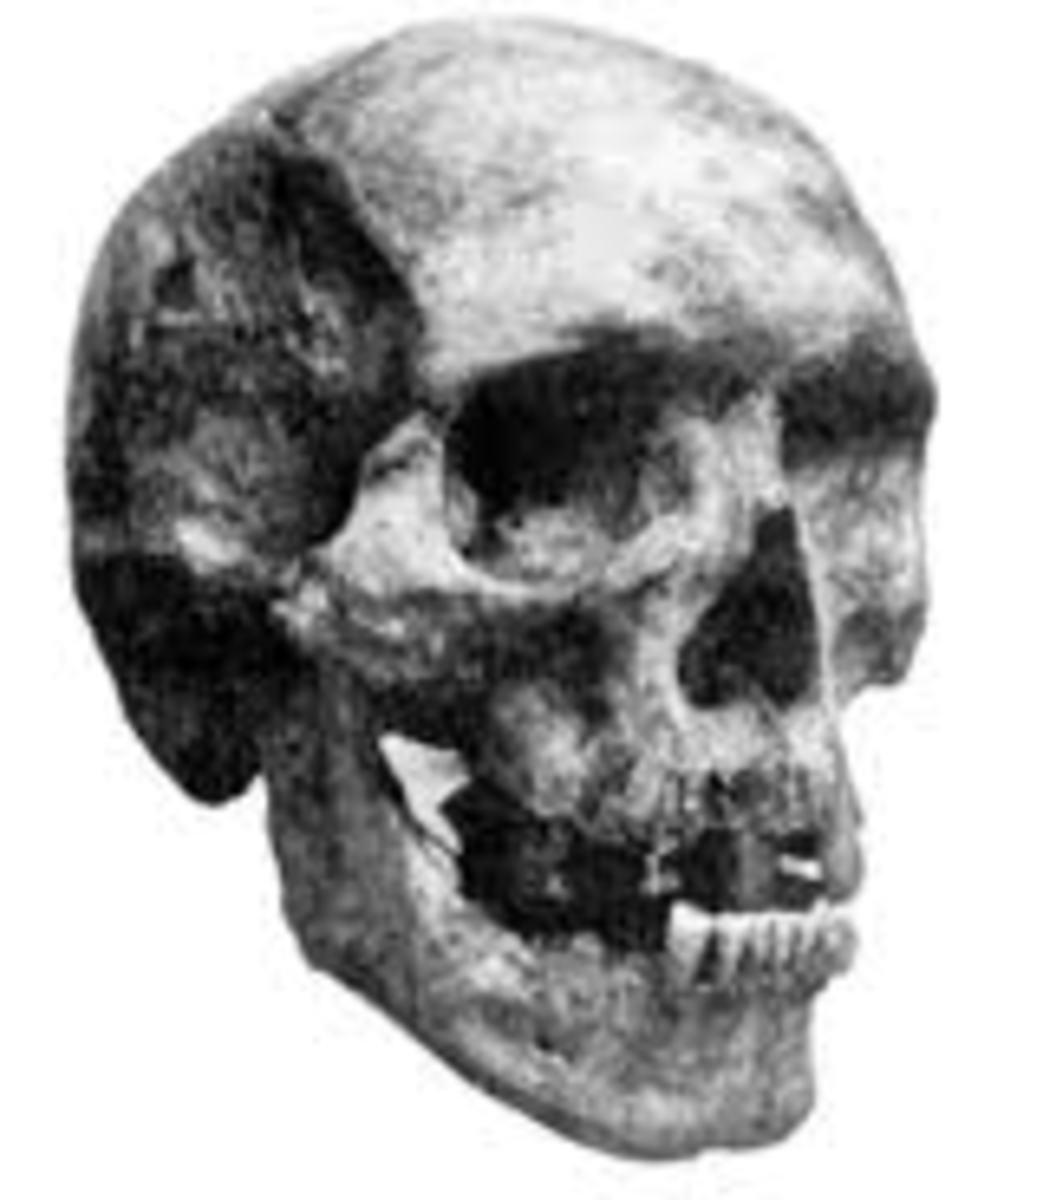 The Skull of Khwit